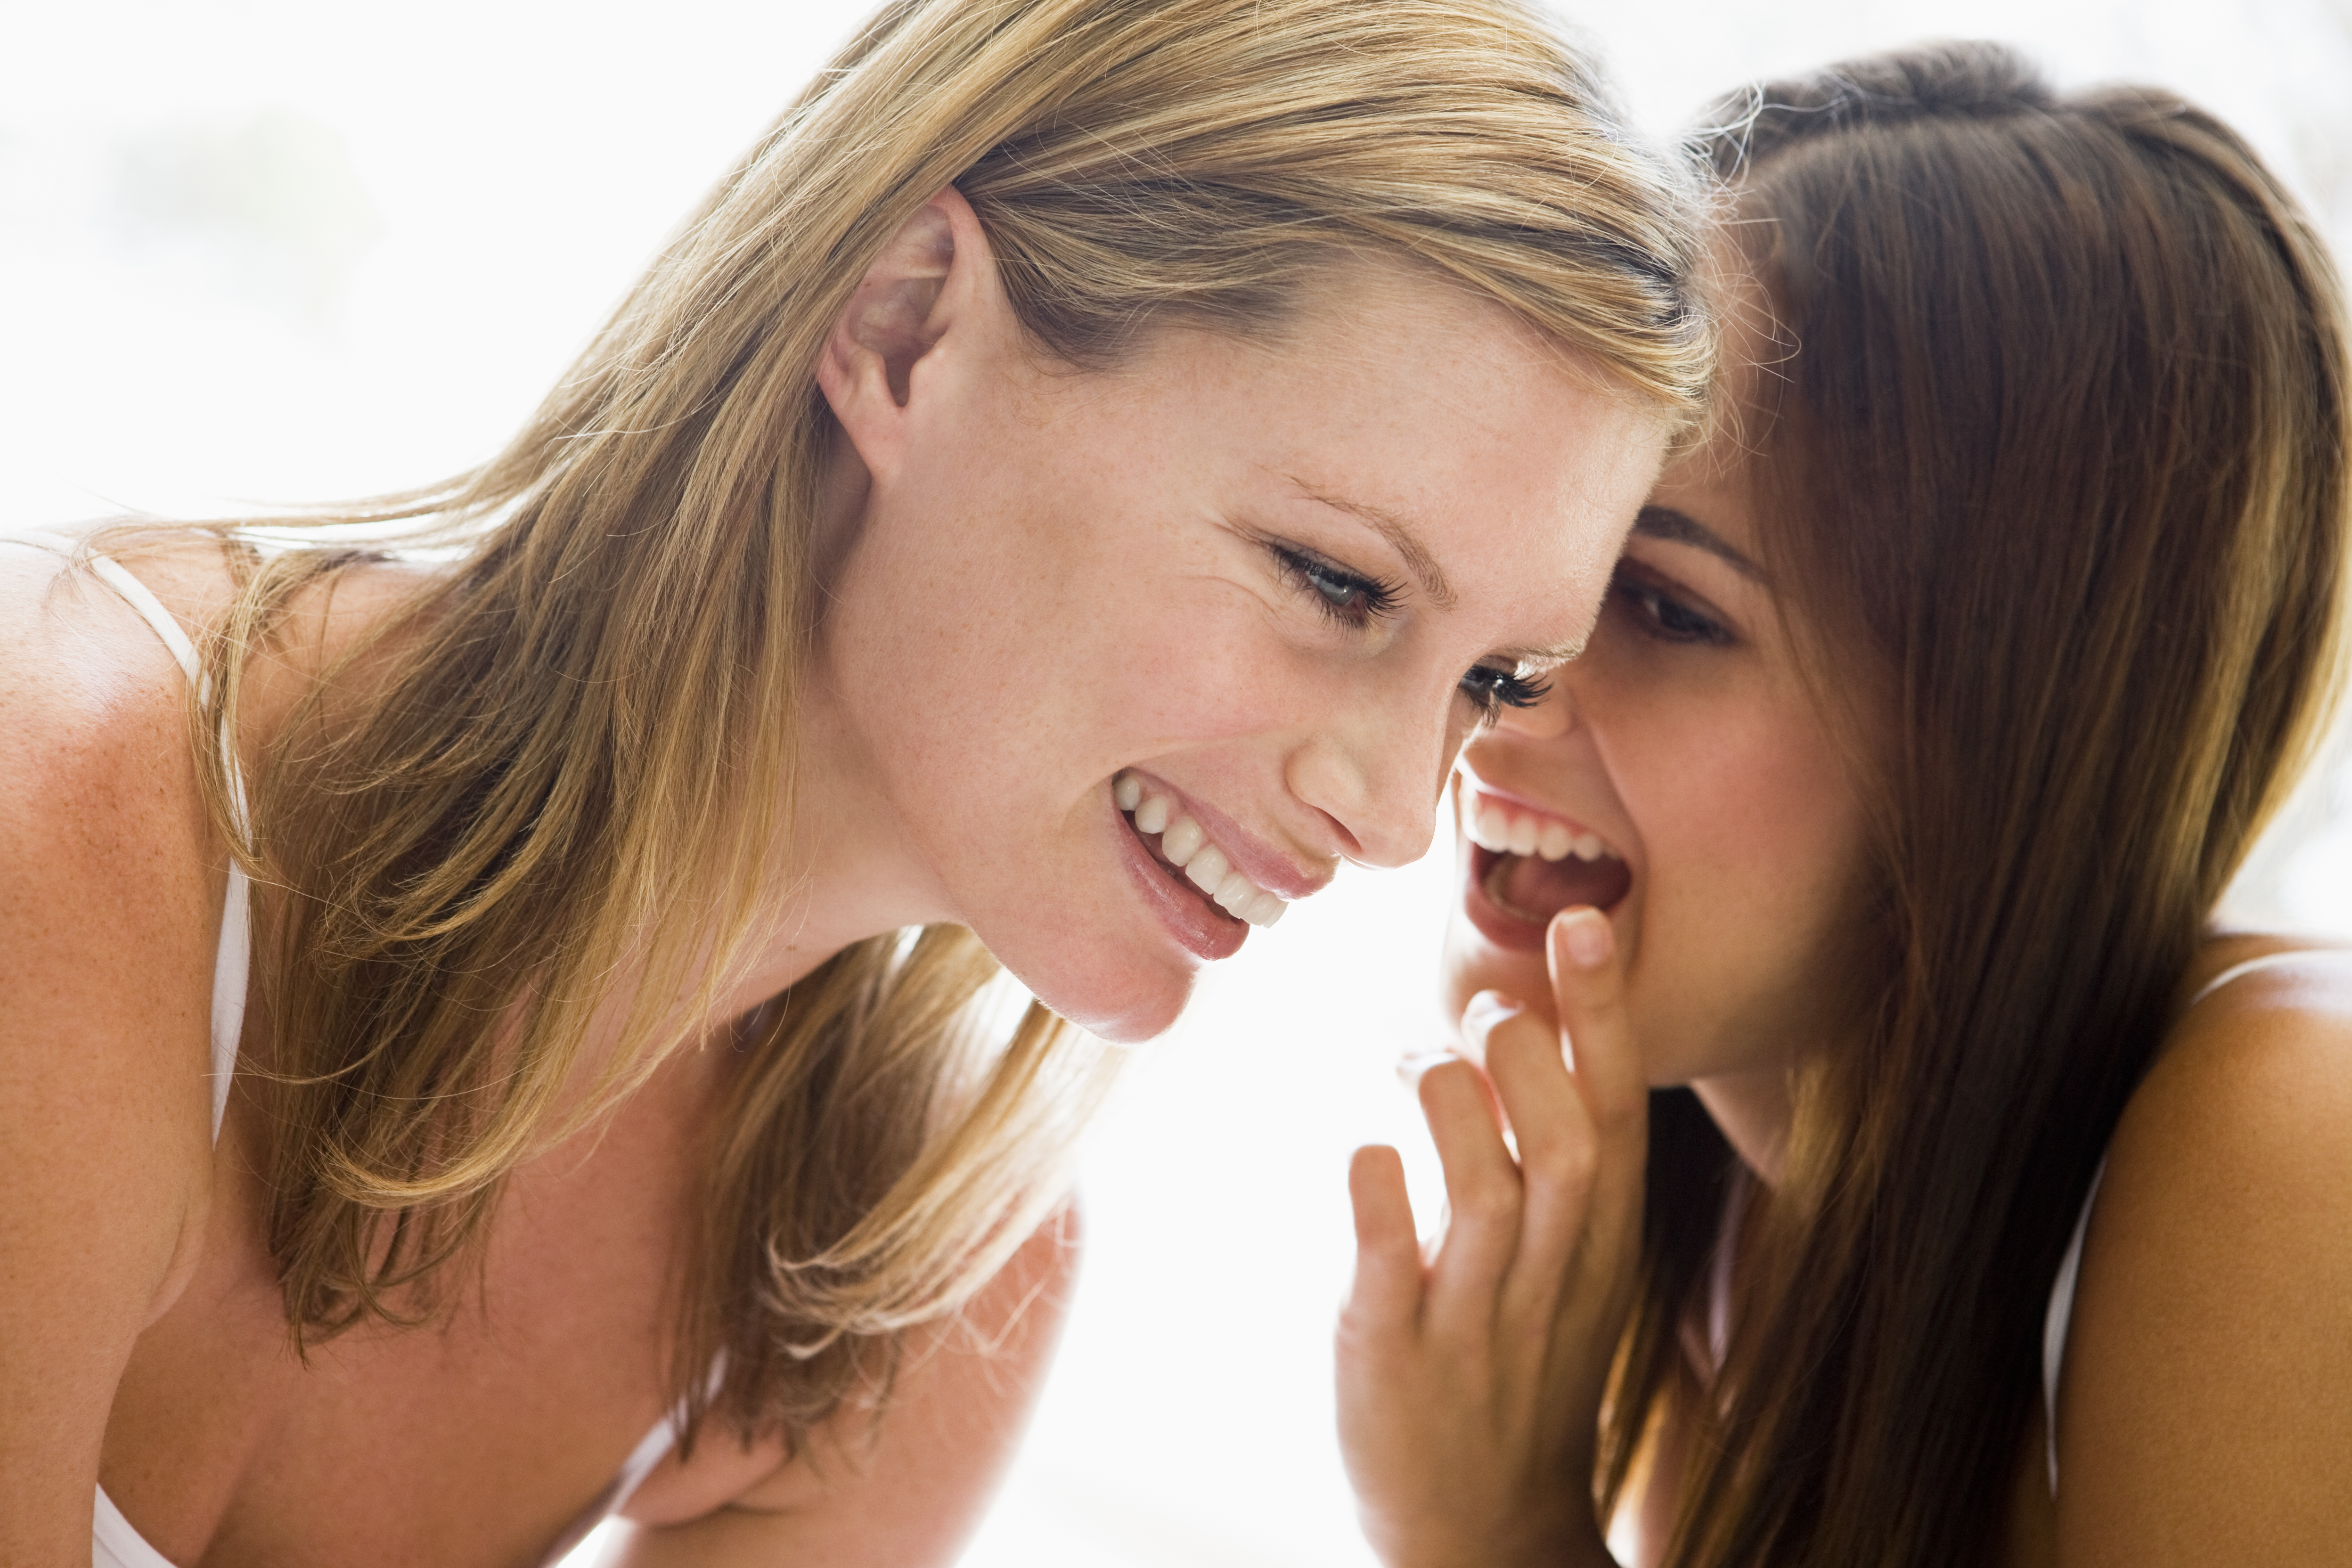 С двумя женщинами фото 9 фотография